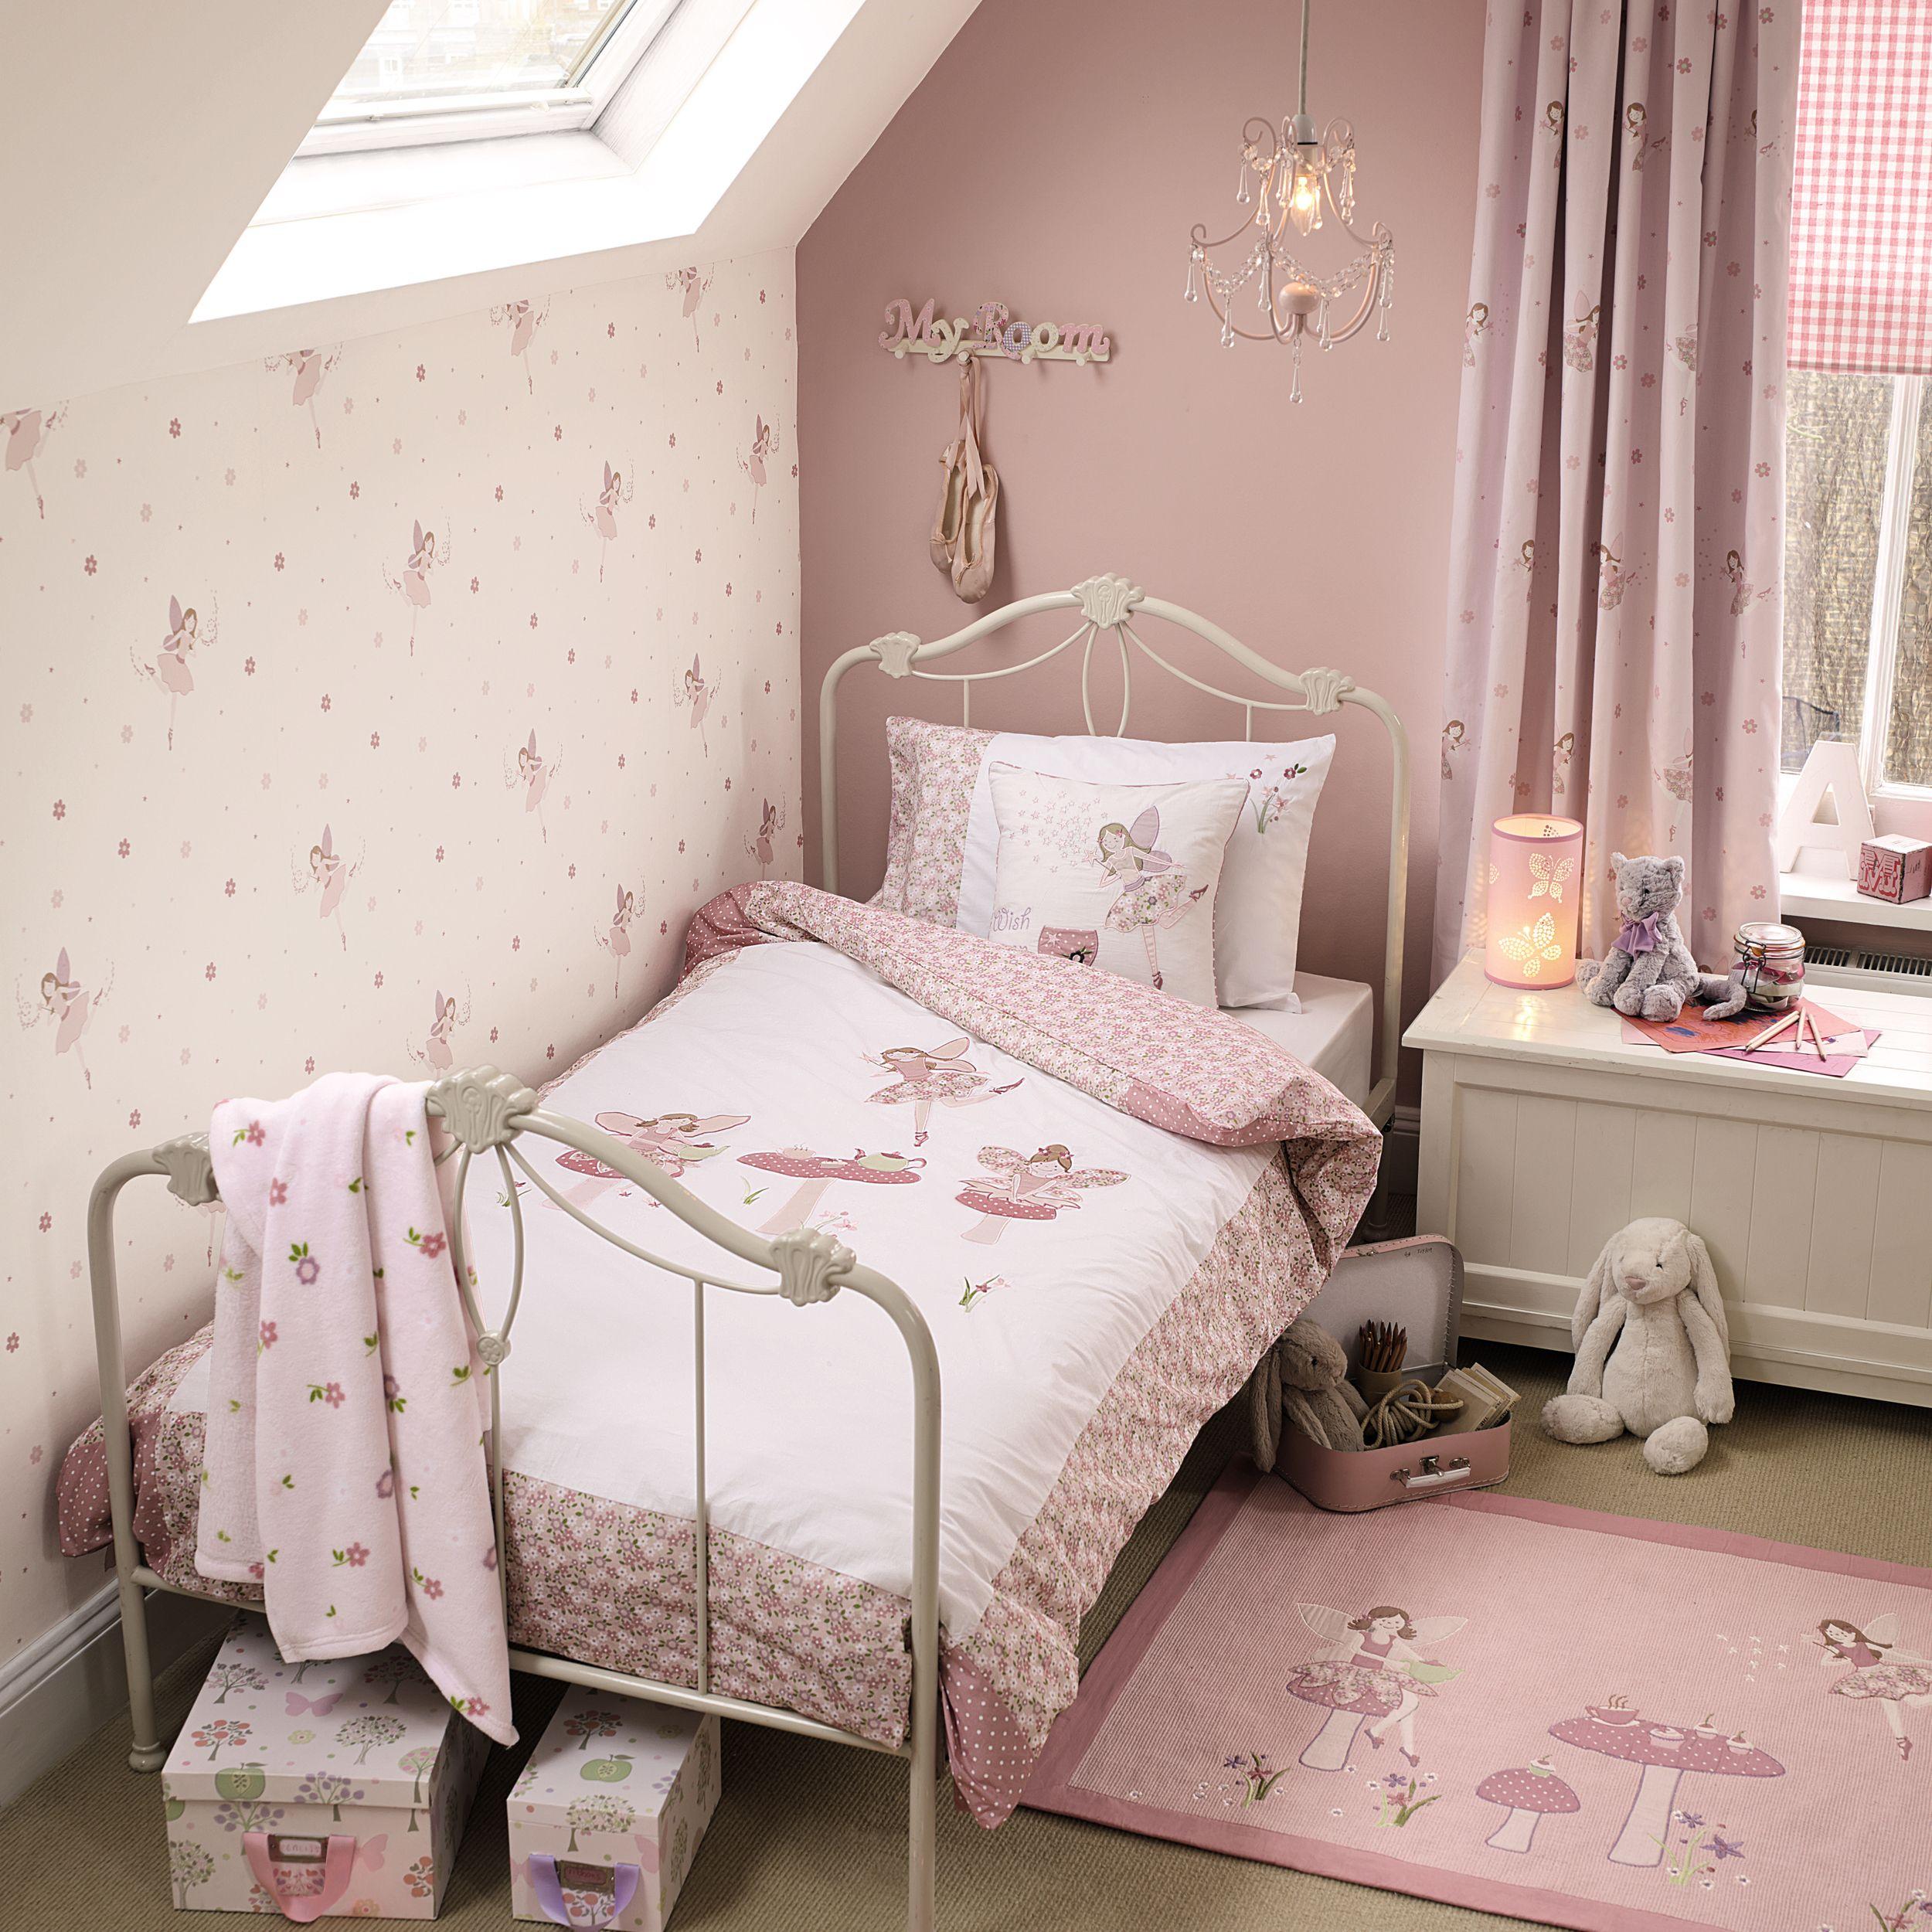 Pin By Ashley Towner On Bedroom Ideas: 子供部屋, 子供部屋 女の子, キッズルーム